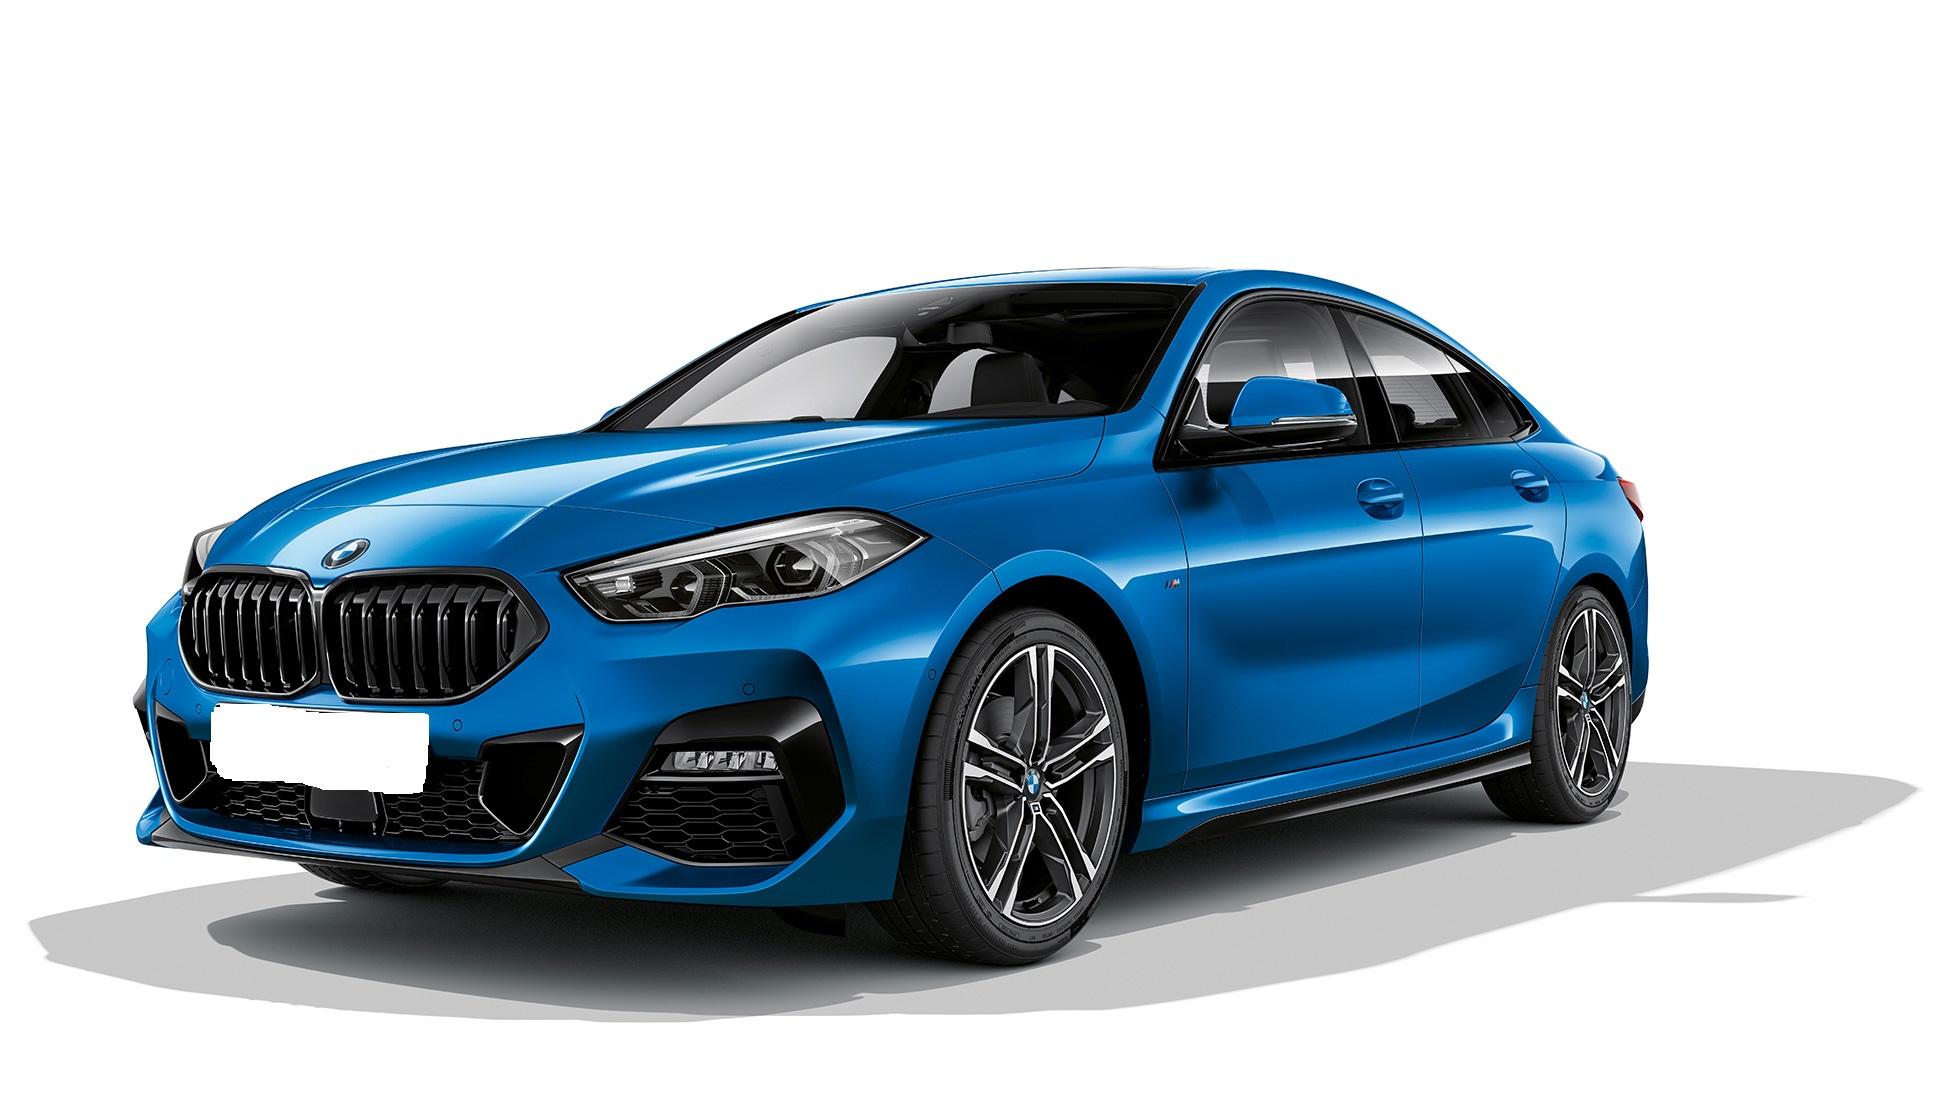 Concurs Marlboro 2021 - Participa si poti castiga o masina BMW 218i Gran Coupe, 10 TV Samsung, 10 cuptoare incorporabile Samsung sau unul dintre cele 10.000 de pachete Marlboro - coduri - concursuri - online - castiga.net